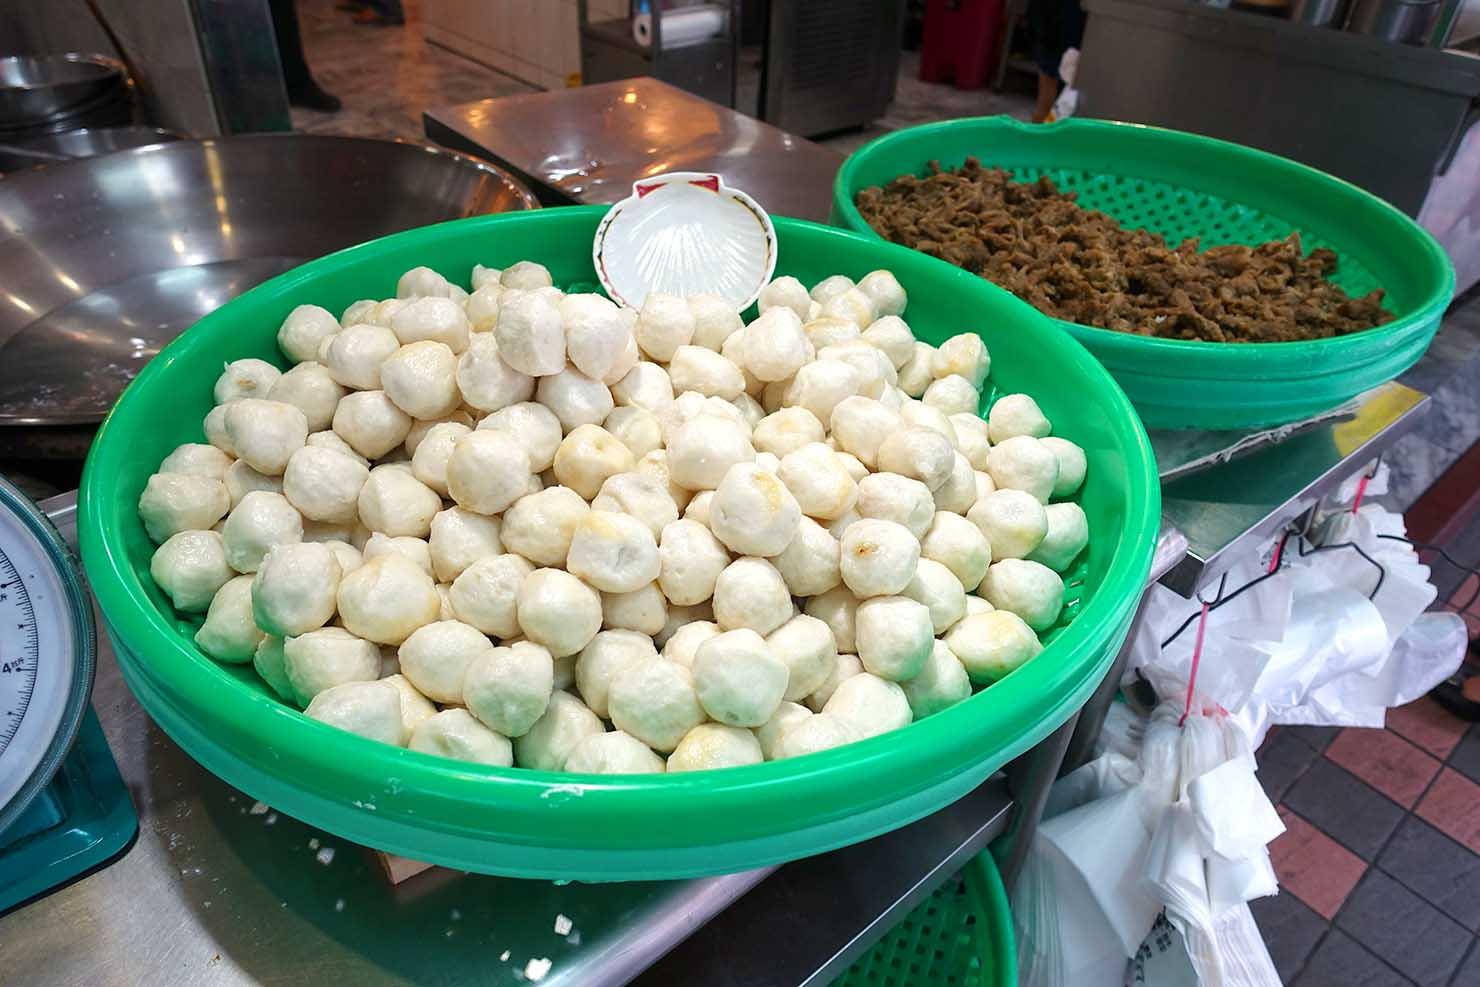 台北・西門町のおすすめ朝ごはん屋さん「永富魚丸湯」の軒先に盛られた魚のつみれボール